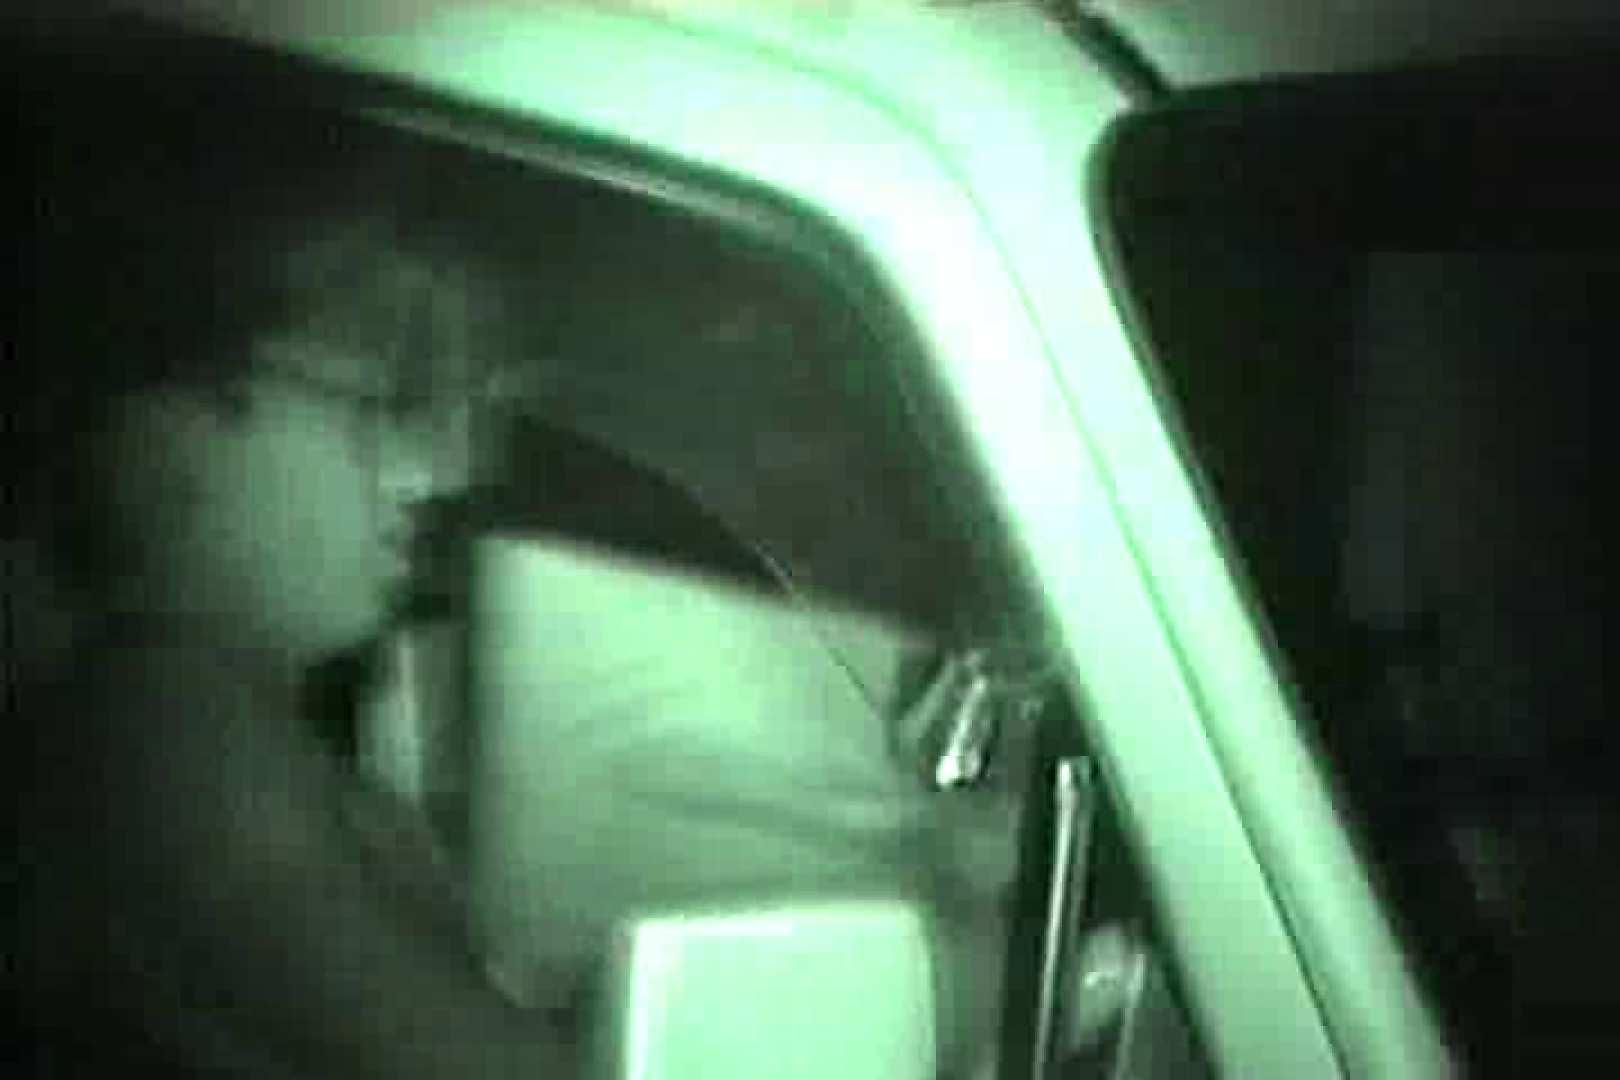 車の中はラブホテル 無修正版  Vol.9 エッチなセックス セックス画像 60画像 57